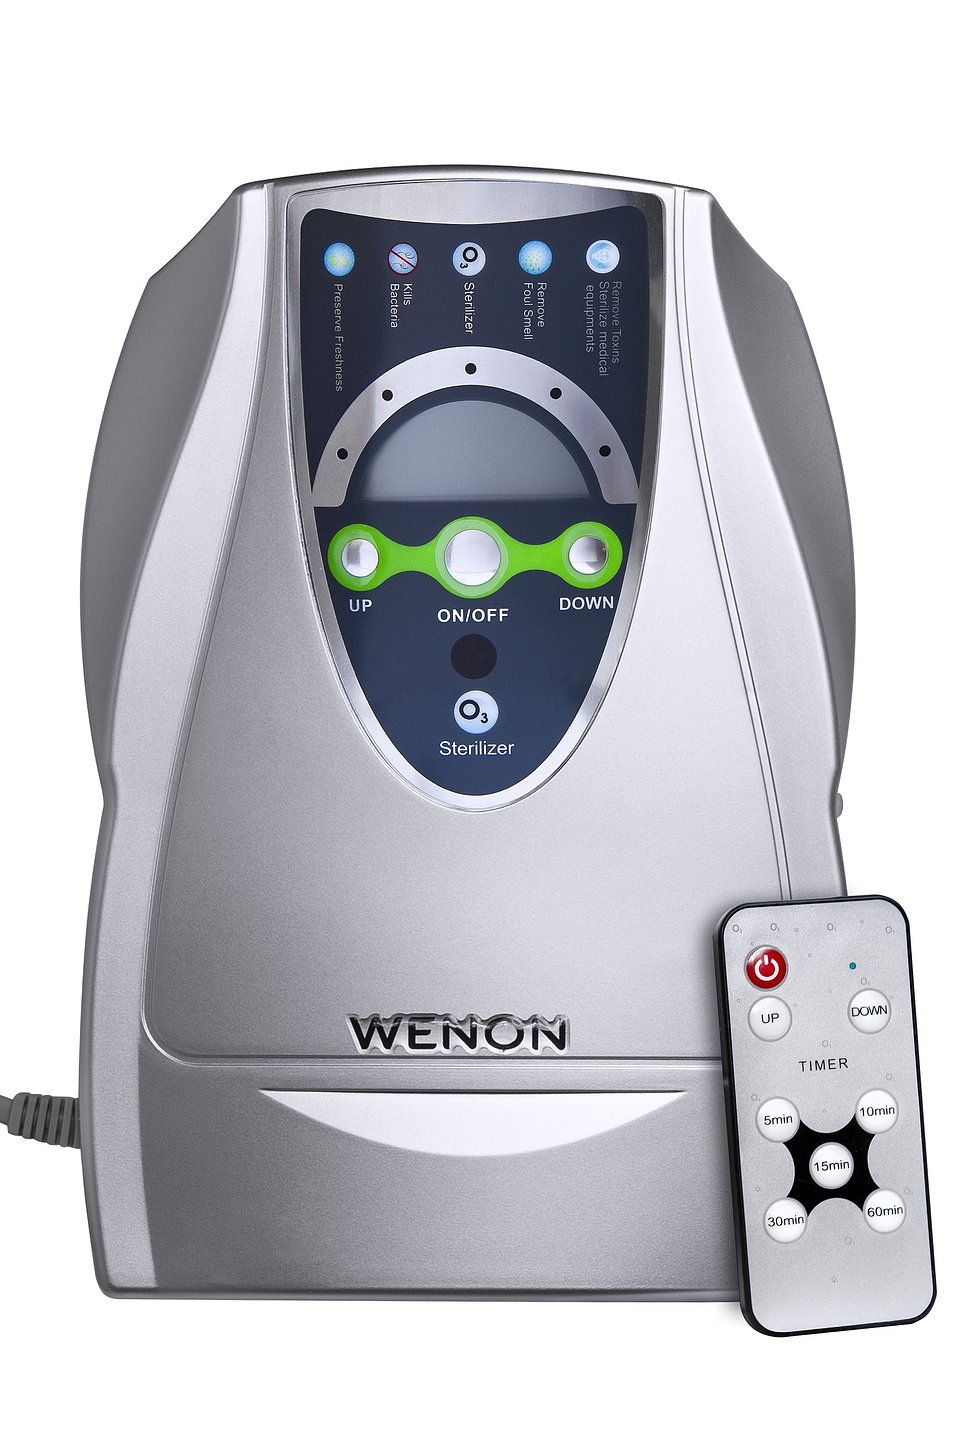 Ozonator_Wenon_N1668A.jpg